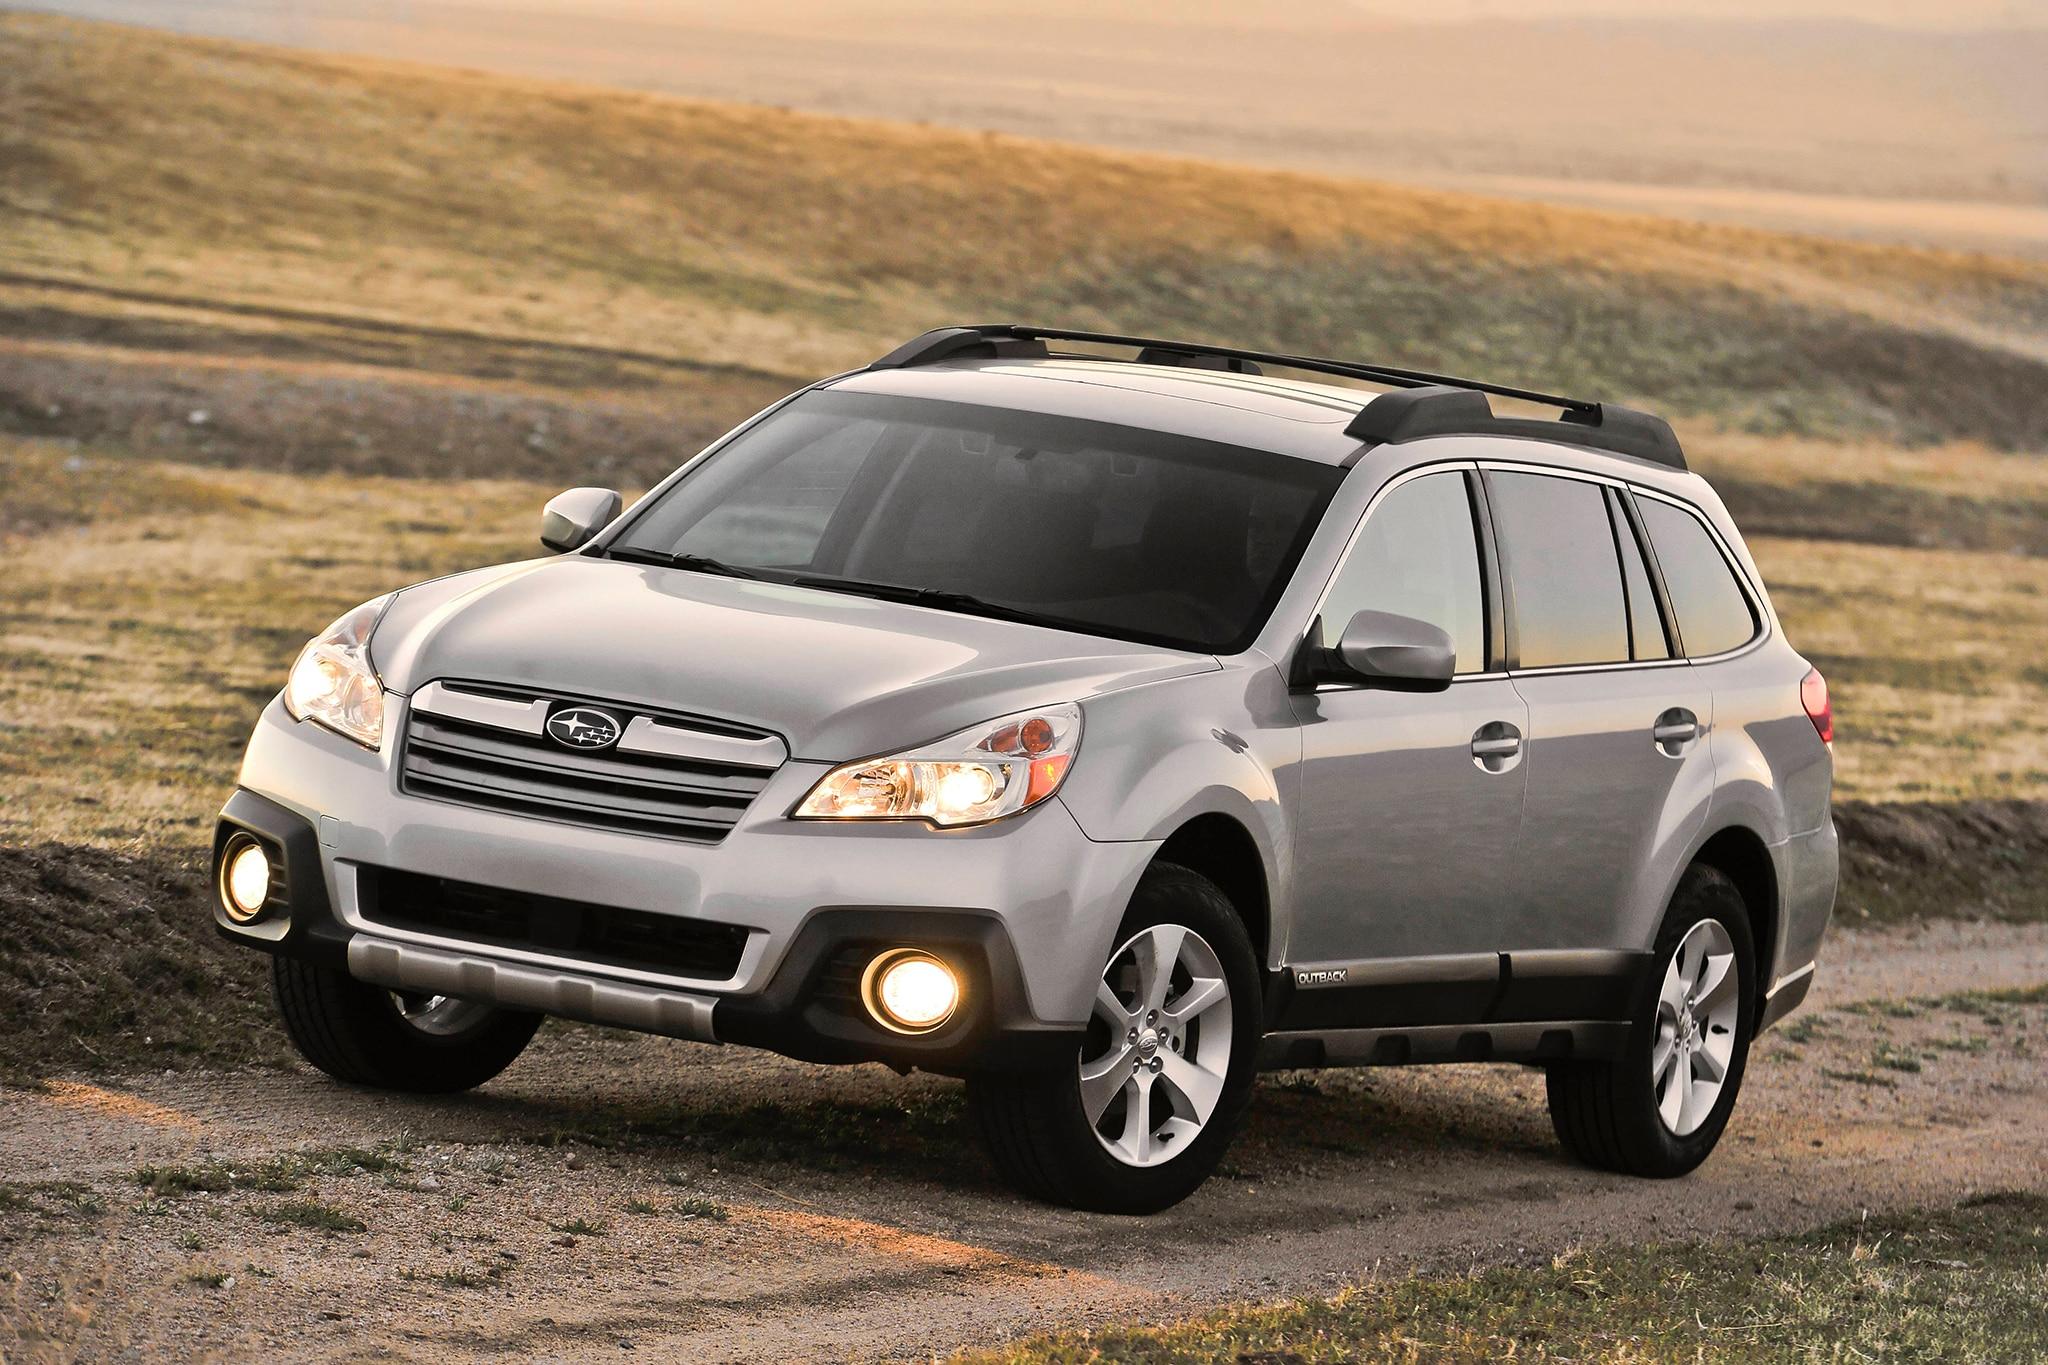 2014 Subaru Outback Three Quarters1